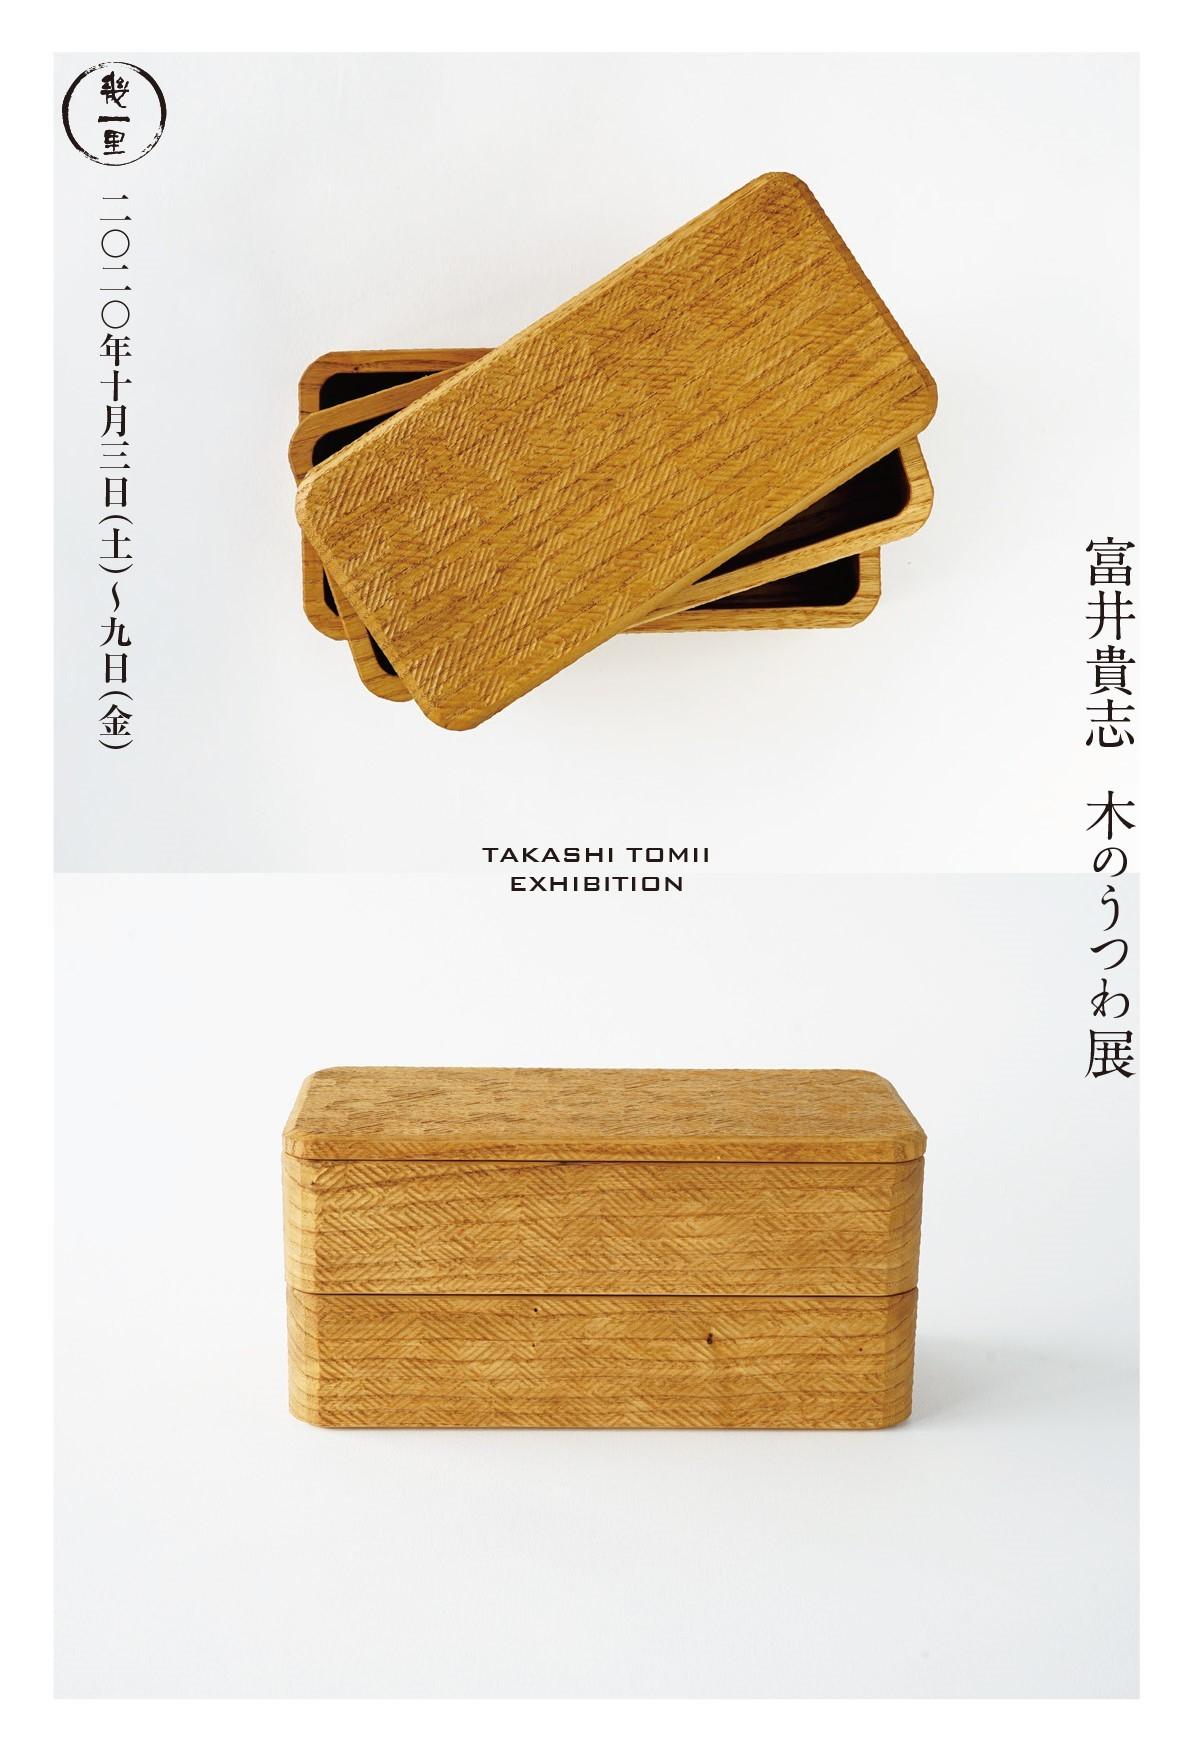 「富井貴志 木のうつわ展」を開催。幾一里にて、会期10/3~9。 - 京都の骨董&ギャラリー「幾一里のブログ」